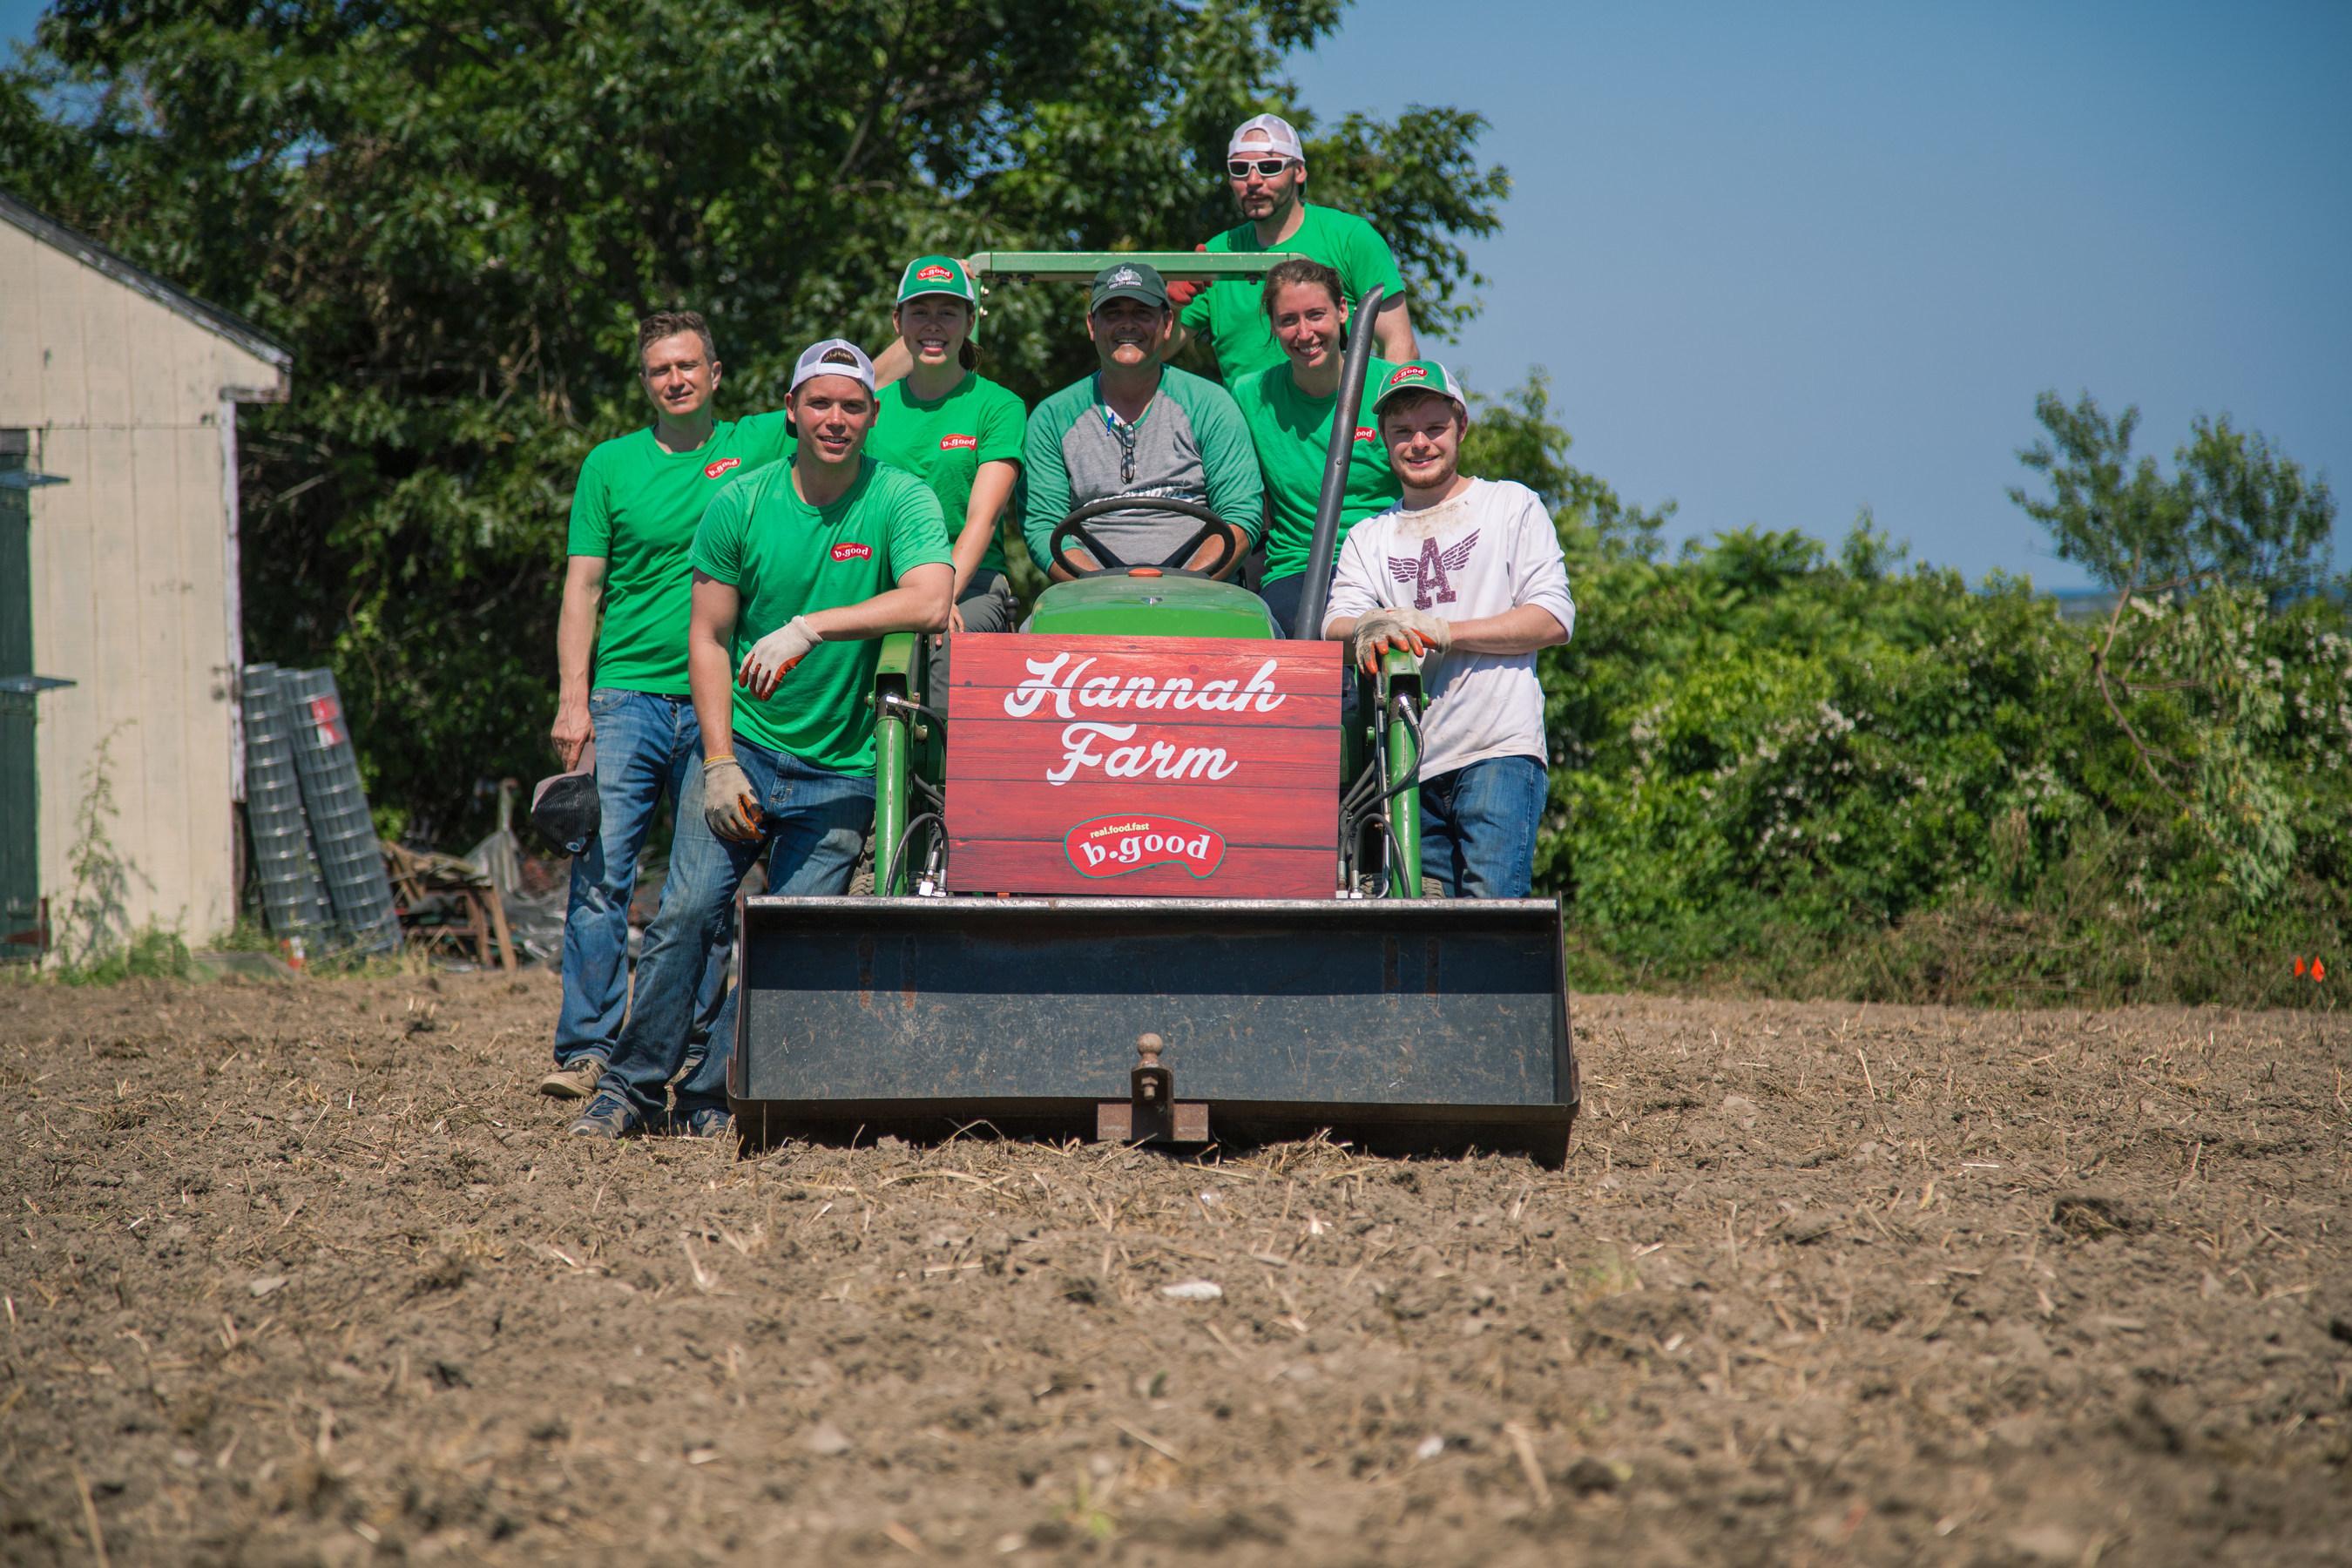 b.good team at Hannah Farm